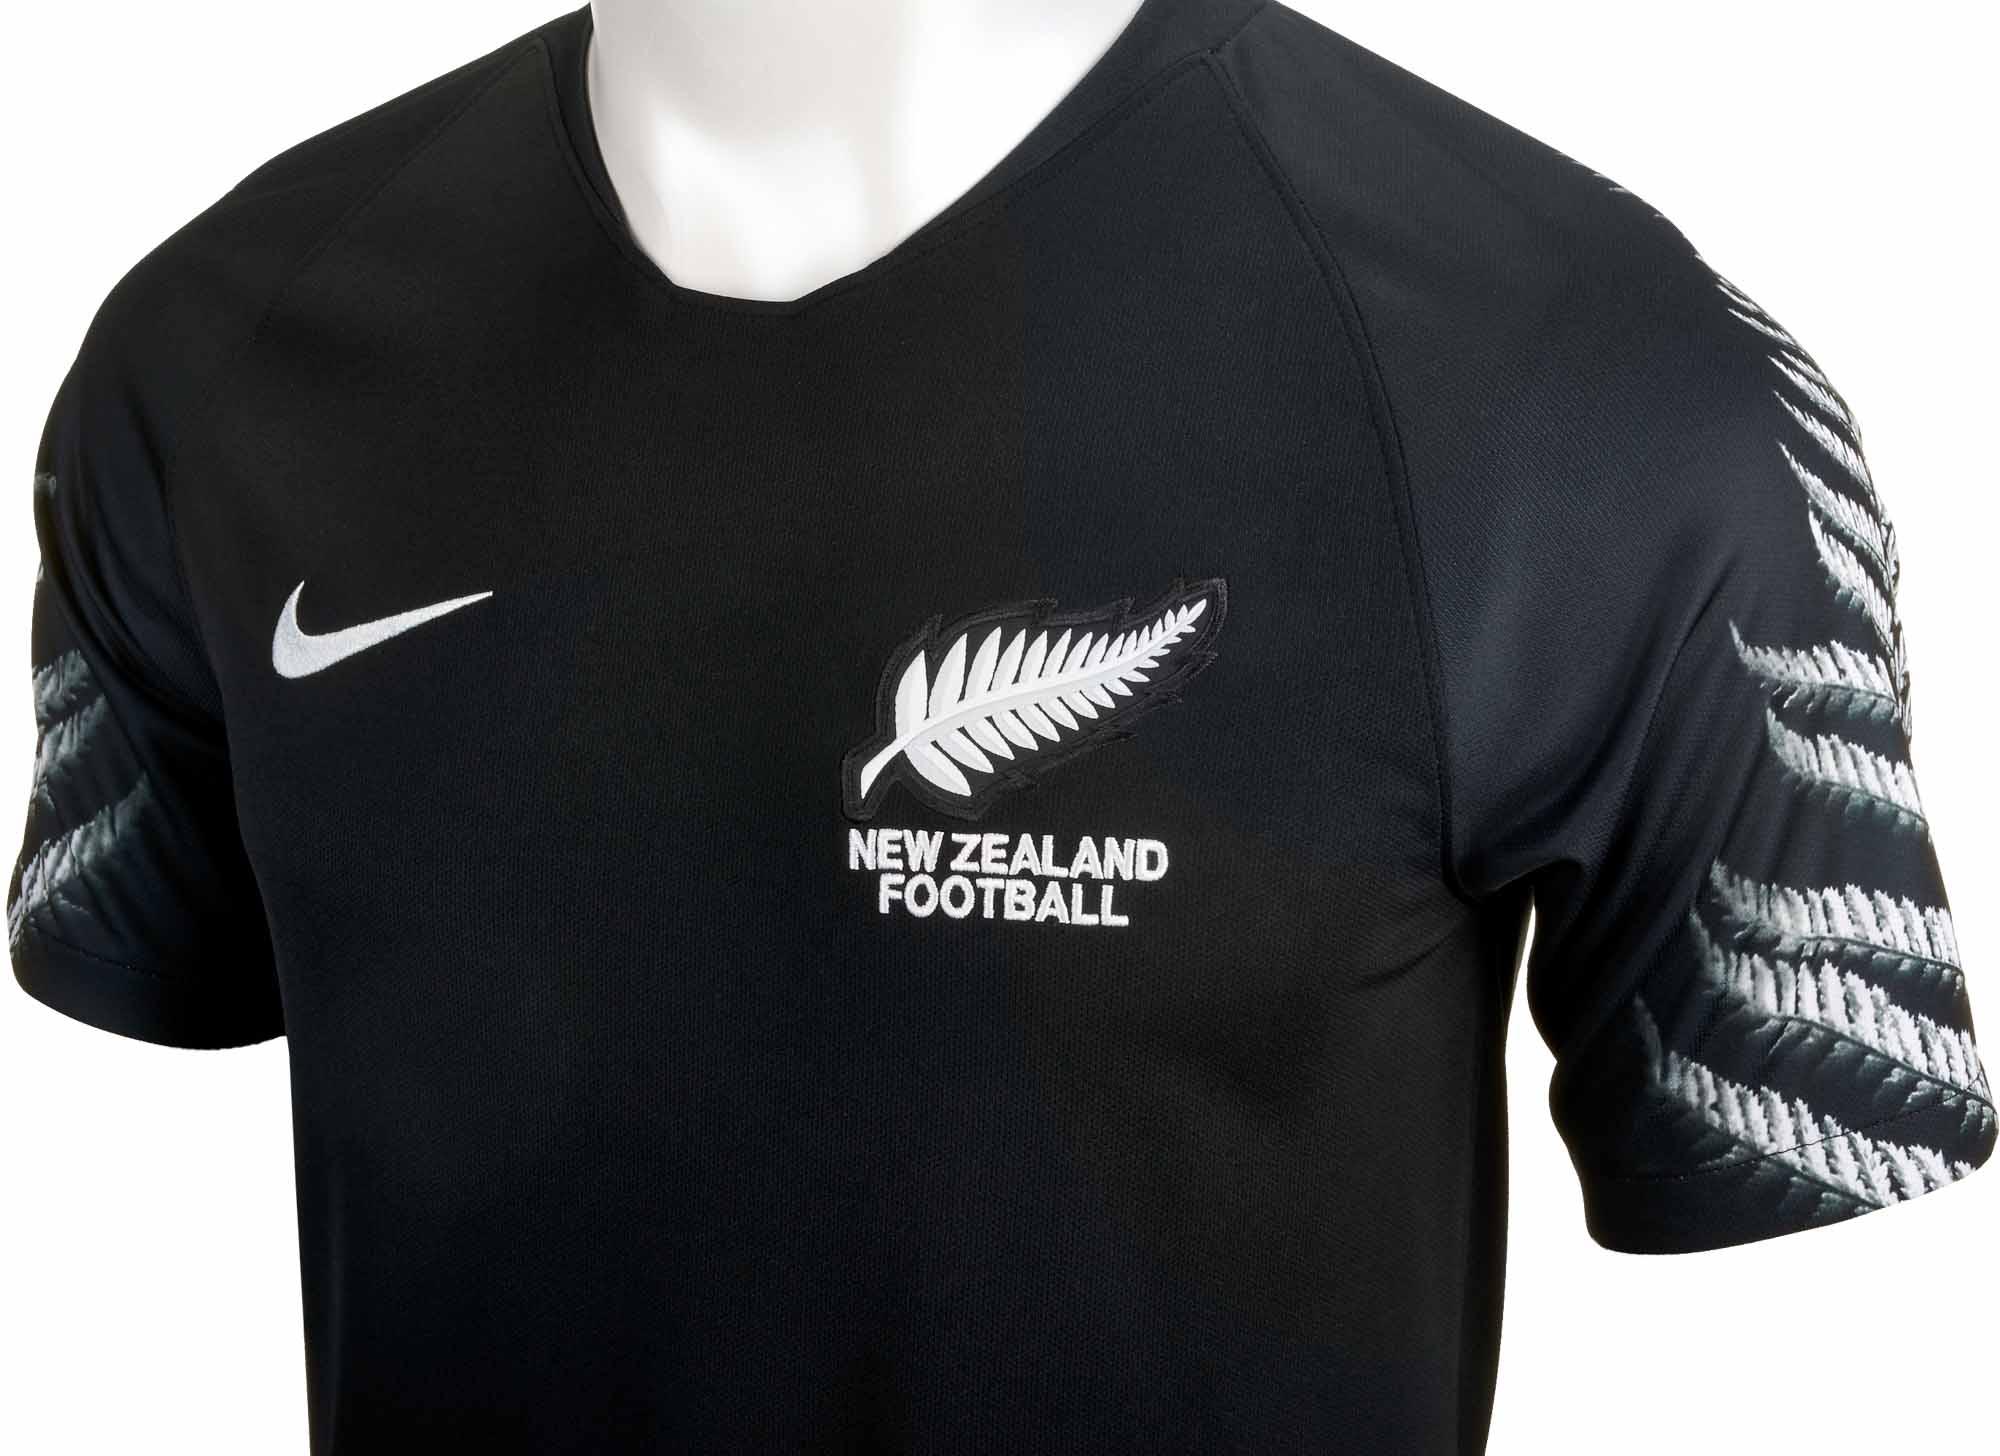 6ef24252a61 England Football Shirt 2018 Nz